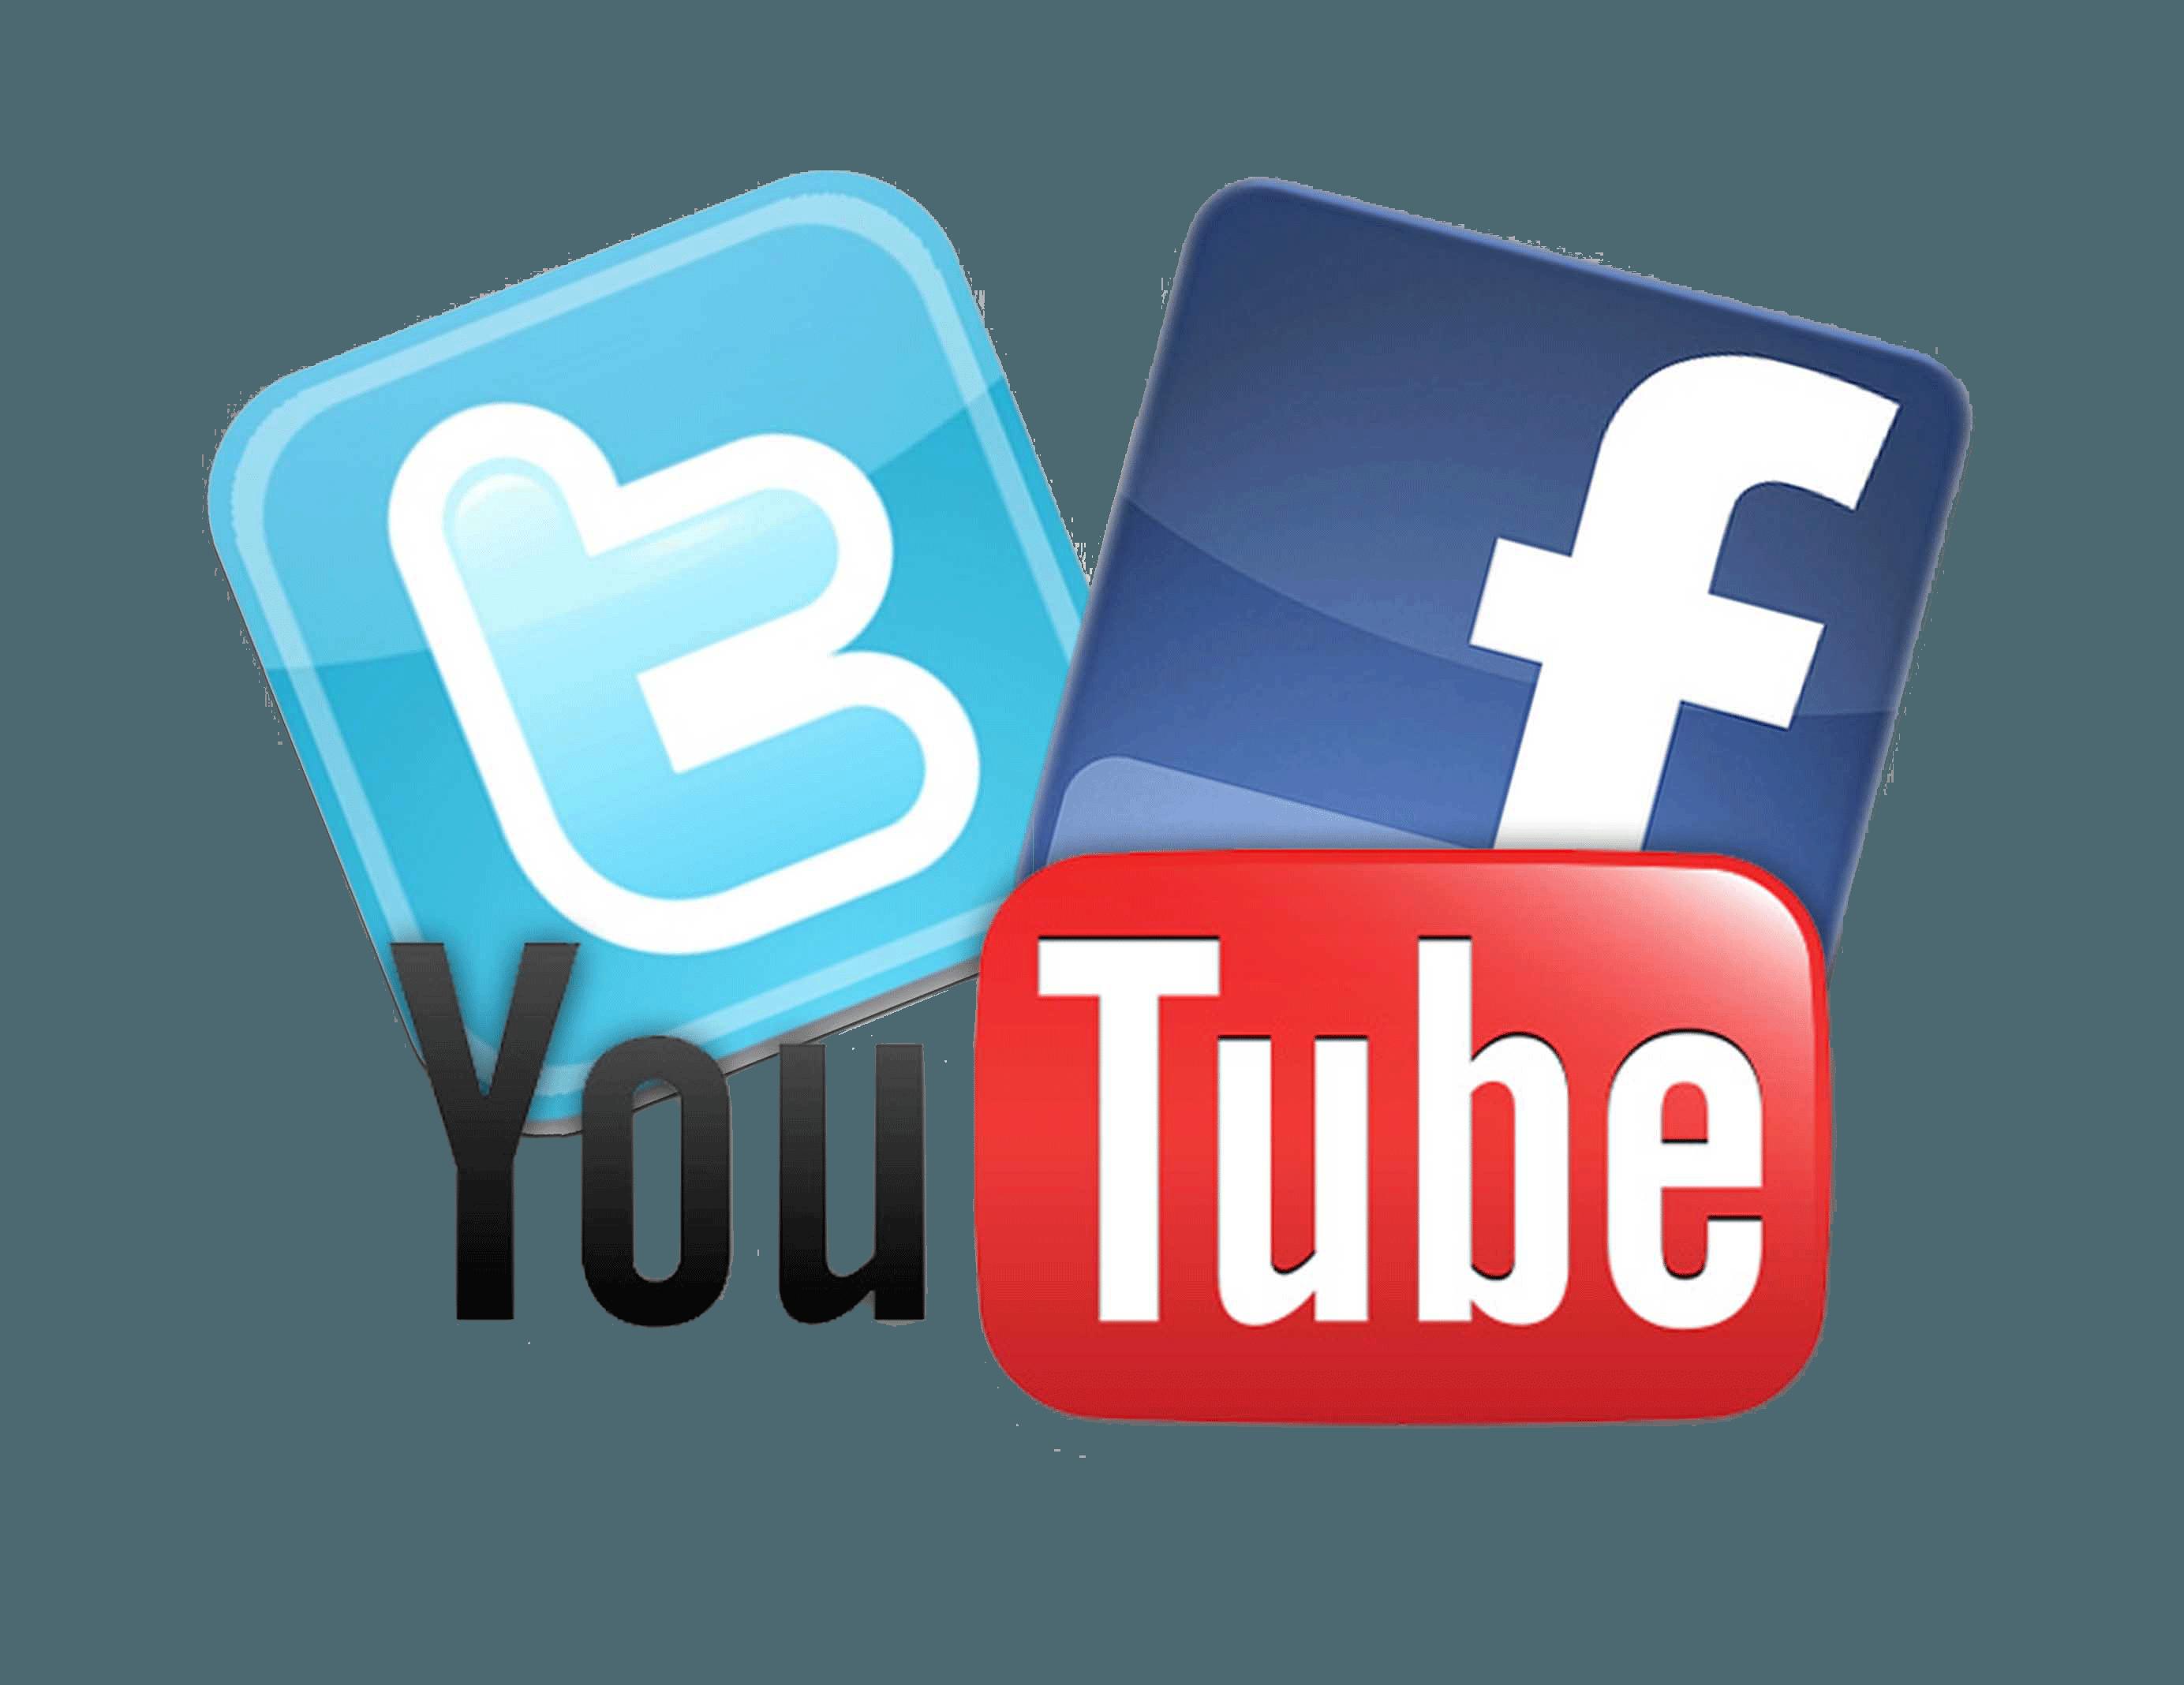 Come auto condividere articoli sui social network